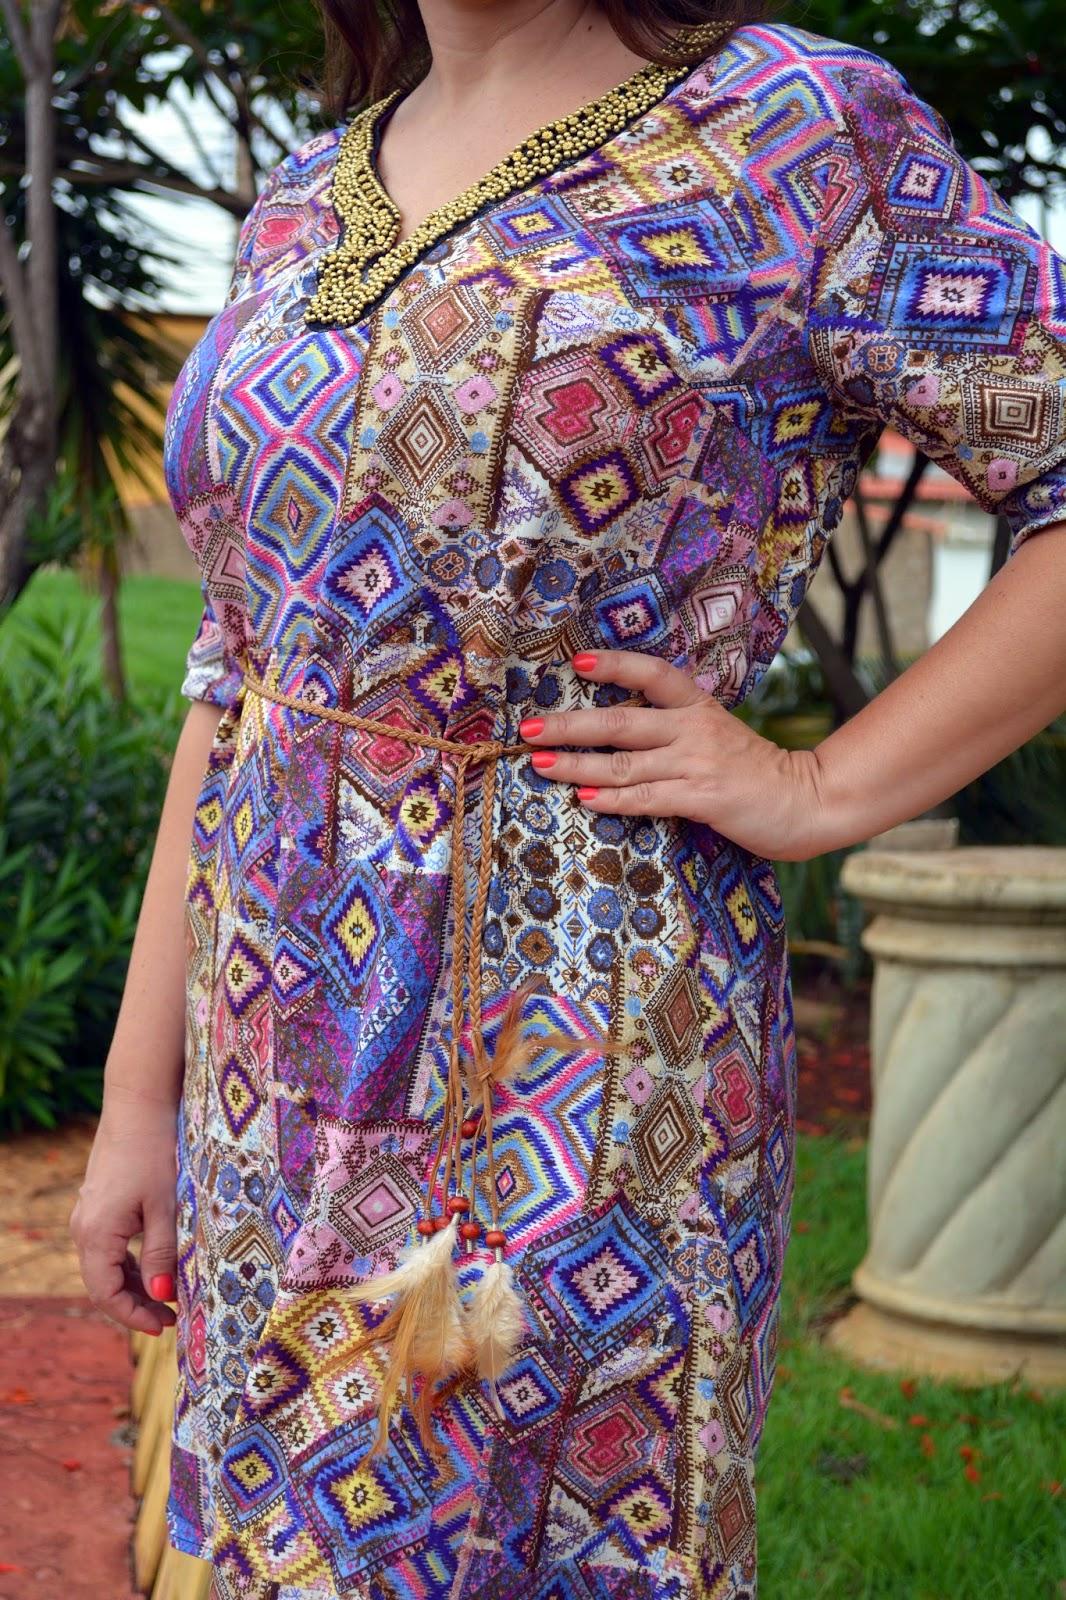 vestido estampado, étnico, blog camila andrade, blog de moda de ribeirão preto, fashion blogger, fashion blogger em ribeirão preto, lalilu modas, lojas do centro de ribeirão preto, look do dia